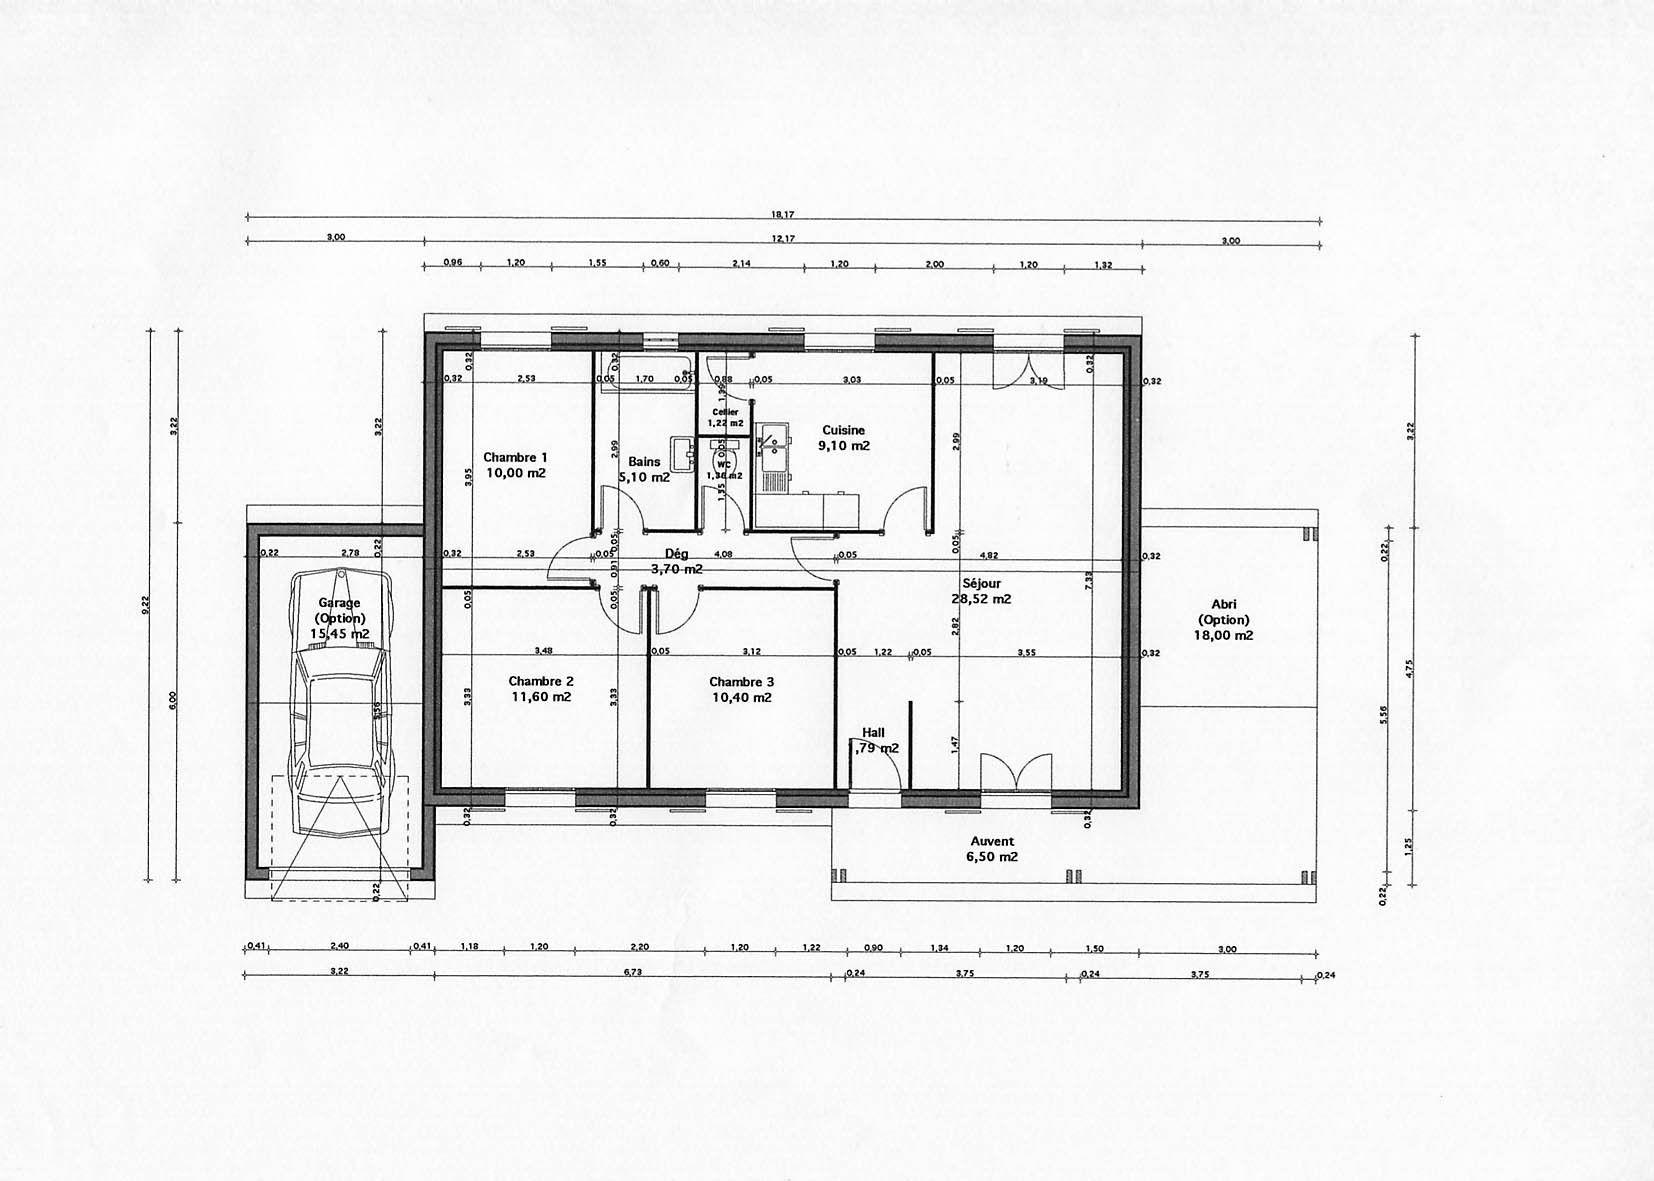 Plan De Maison Moderne Maison Mana Plan Maison 10